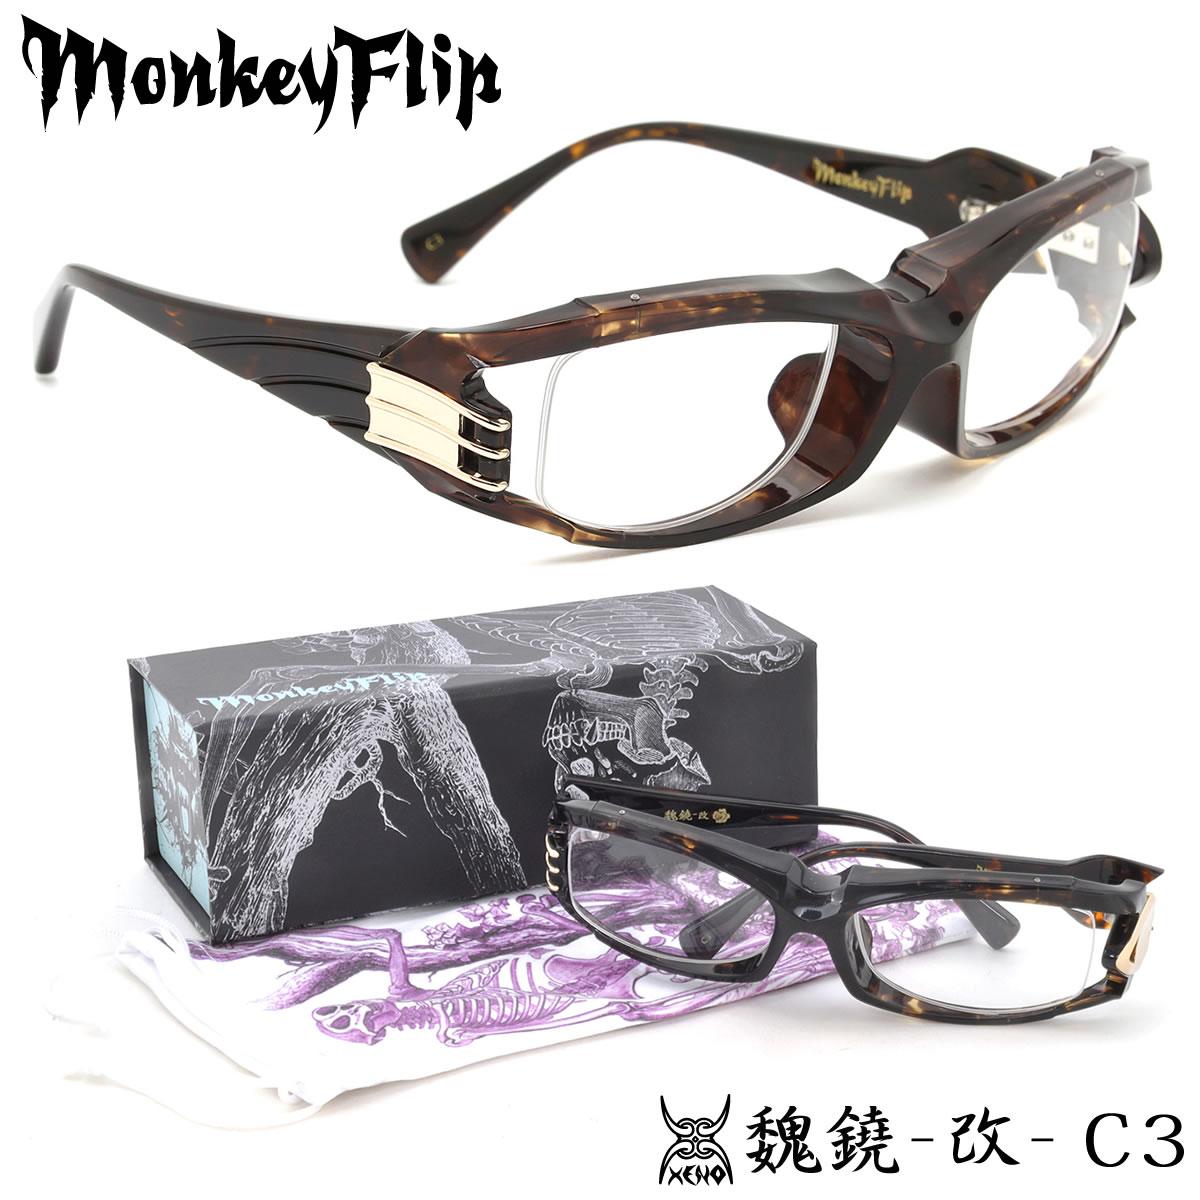 ポイント最大33倍 【Monkey Flip】(モンキーフリップ) メガネ 魏鐃改 C3 61サイズ 魏鐃-改- XENO ギドラカイ ゼノ モンキーフリップ MonkeyFlip メンズ レディース